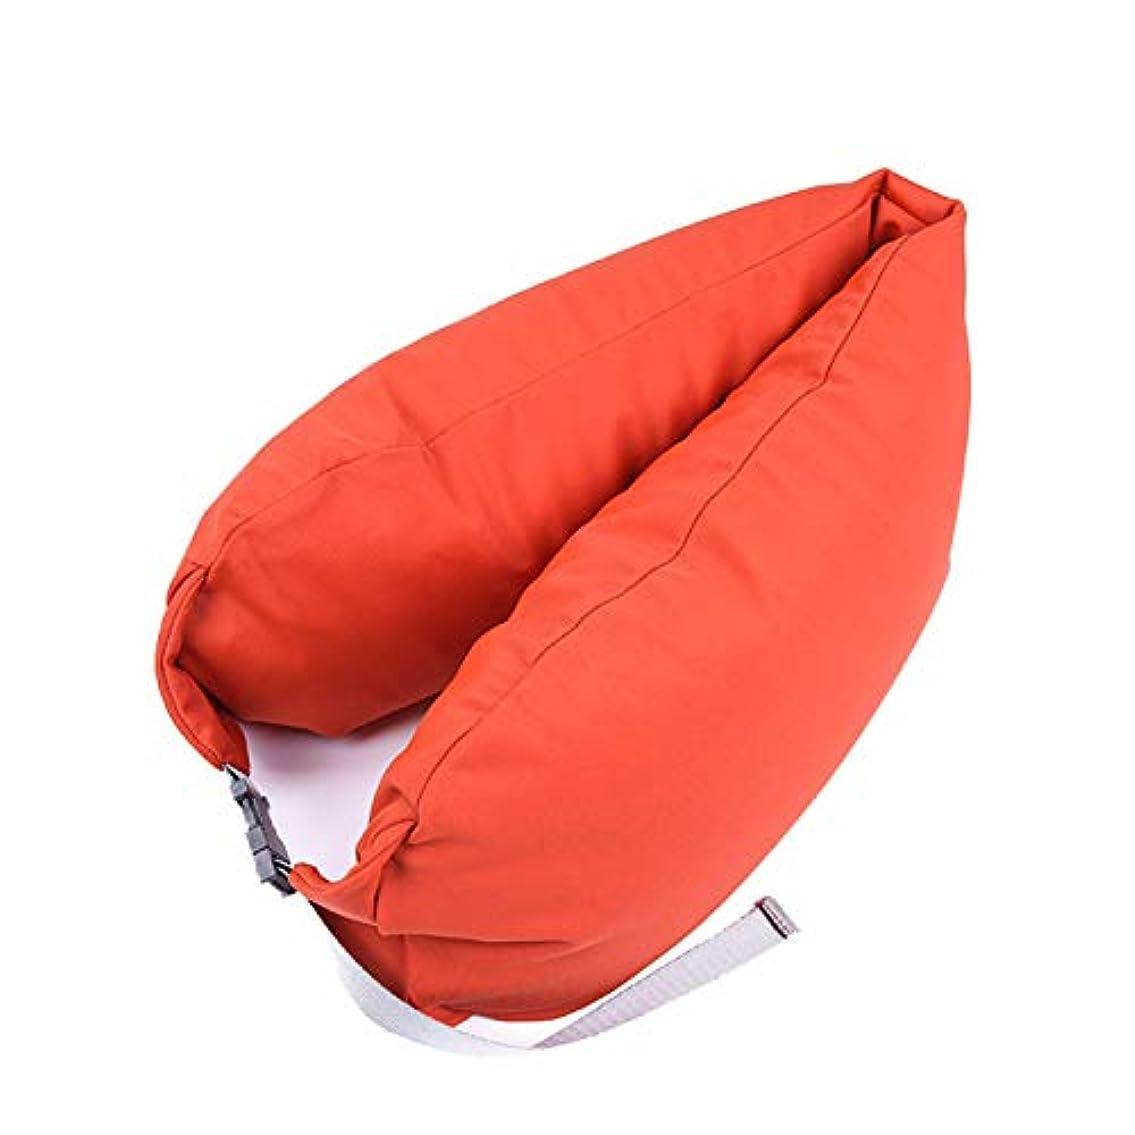 仮定、想定。推測オリエンテーション骨の折れるSMART ホームオフィス背もたれ椅子腰椎クッションカーシートネック枕 3D 低反発サポートバックマッサージウエストレスリビング枕 クッション 椅子